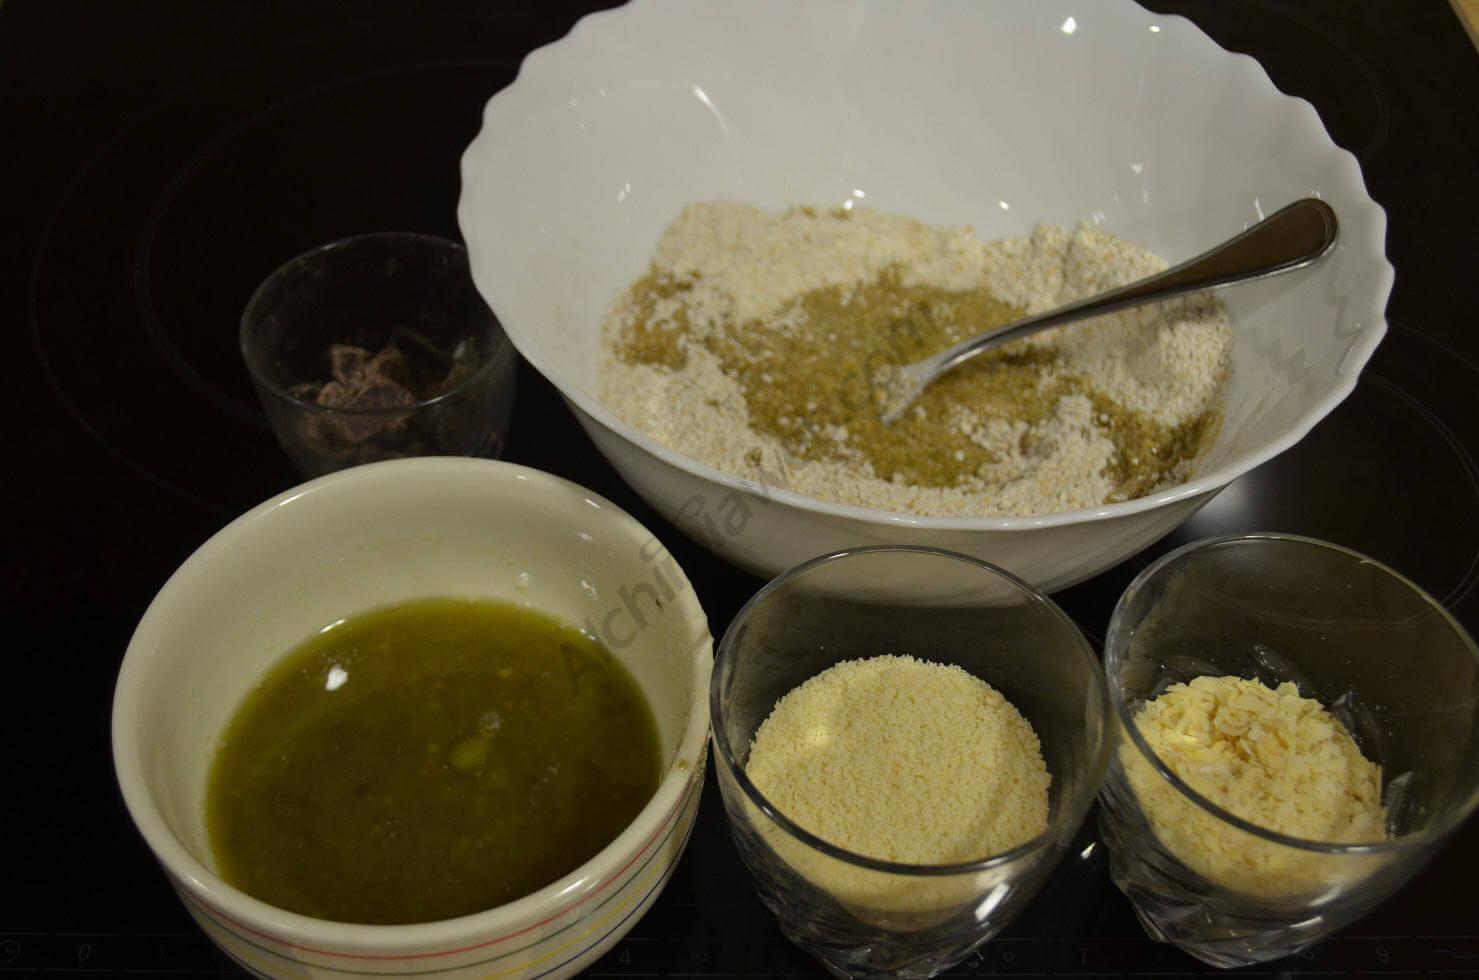 Mezcla de los ingredientes